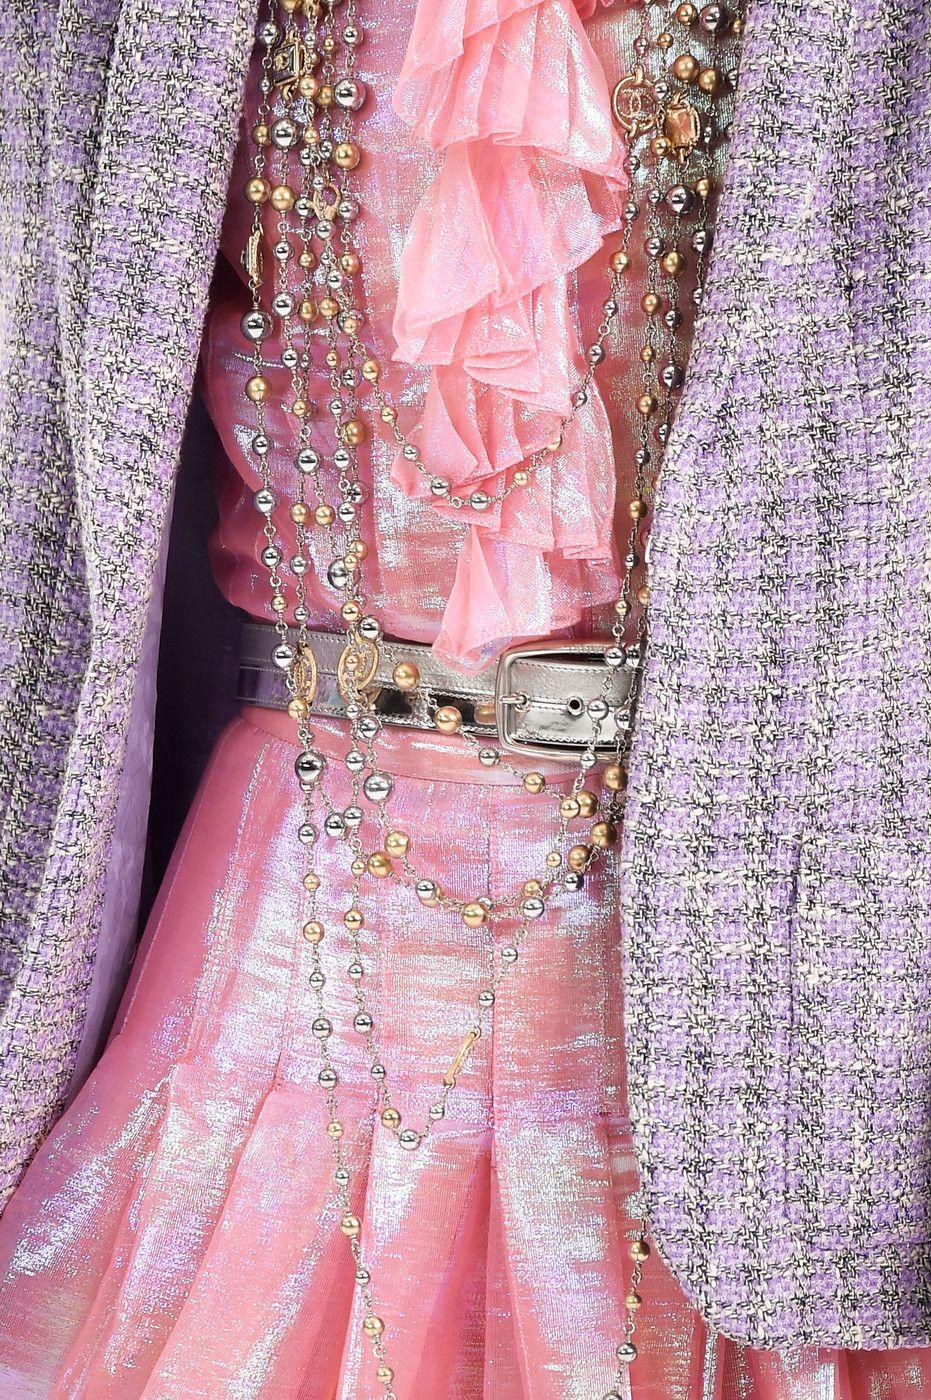 Chanel RTW SS 2016 #ChanelAirlines Visit espritdegabrielle.com   L'héritage de Coco Chanel #espritdegabrielle